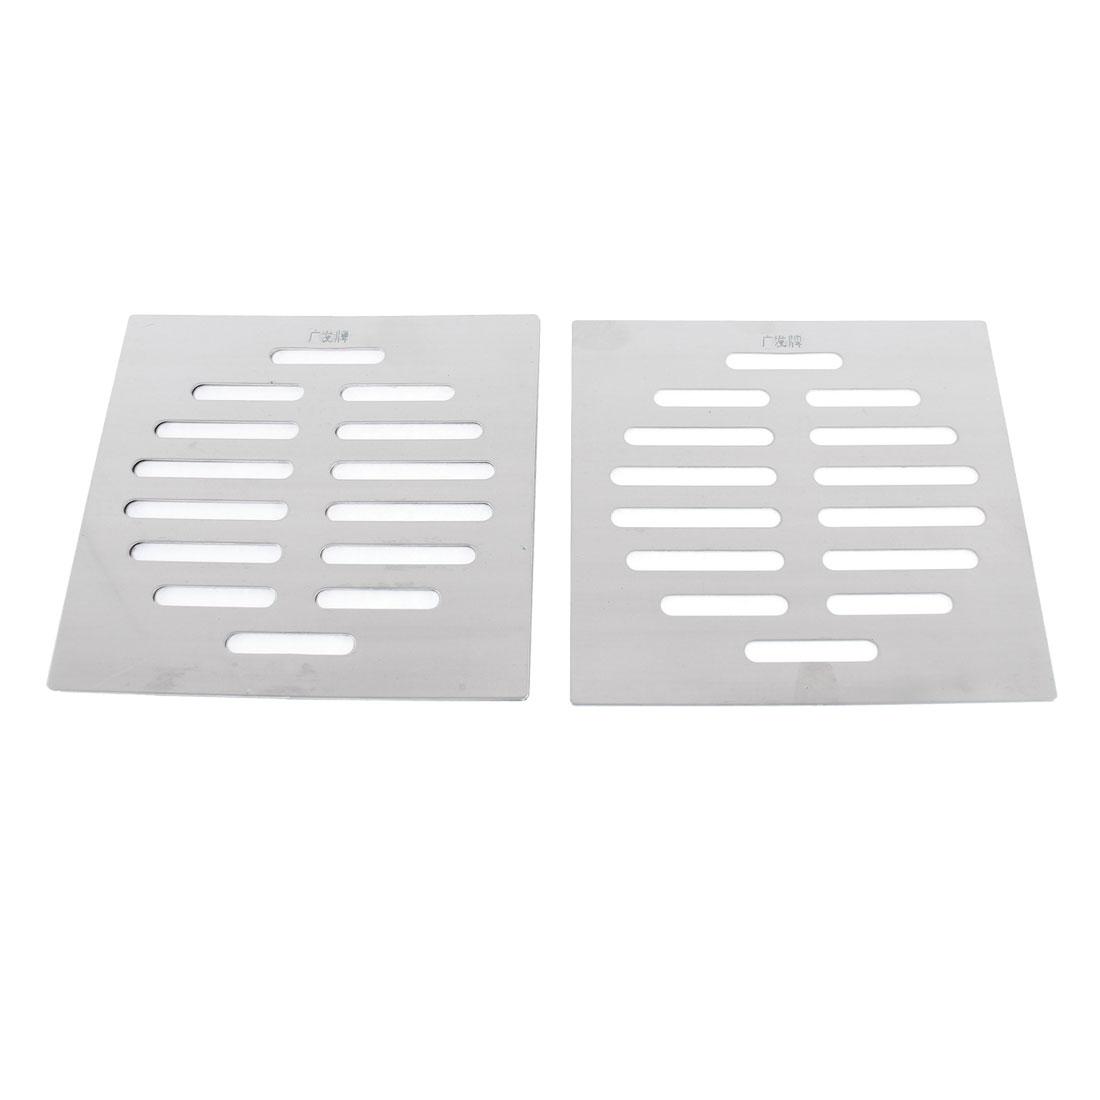 Kitchen Bathroom Square Floor Drain Drainer Cover 12.5cm x 12.5cm 4Pcs